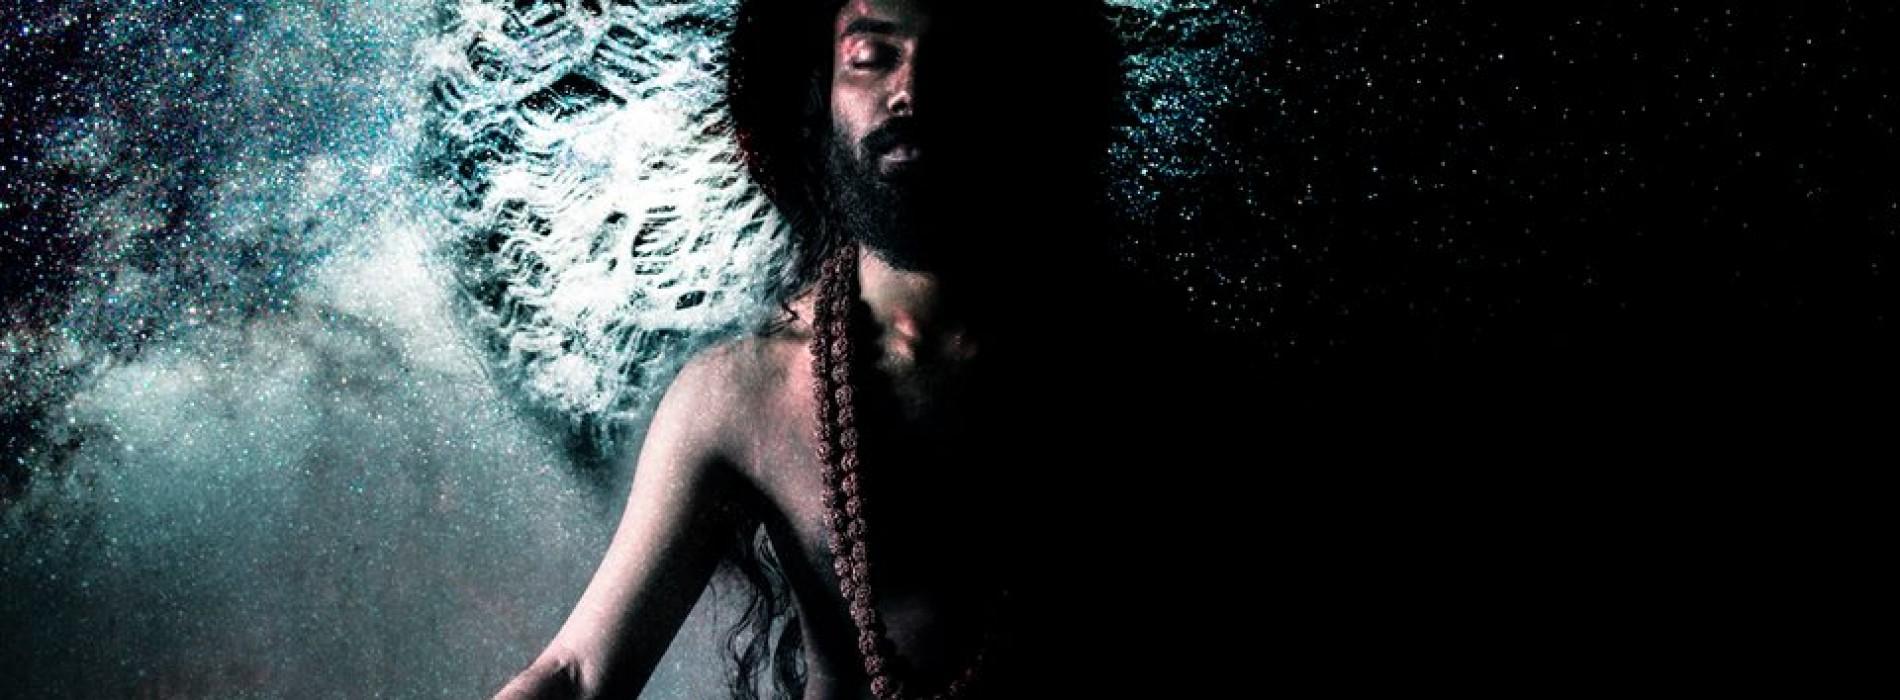 Nevi'im: Death Of An Avatar EP 2014 Teaser